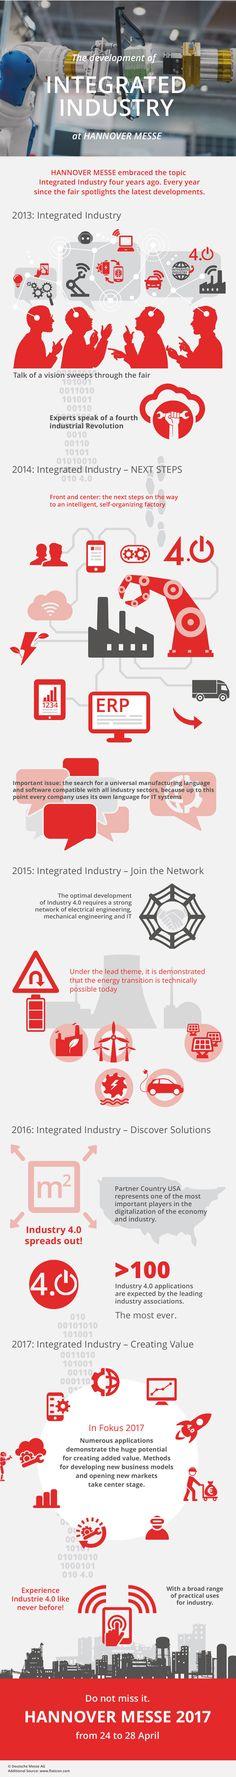 hm-integrated-i-entwicklung-2013-2016-de-8-10.jpg (1020×7683)